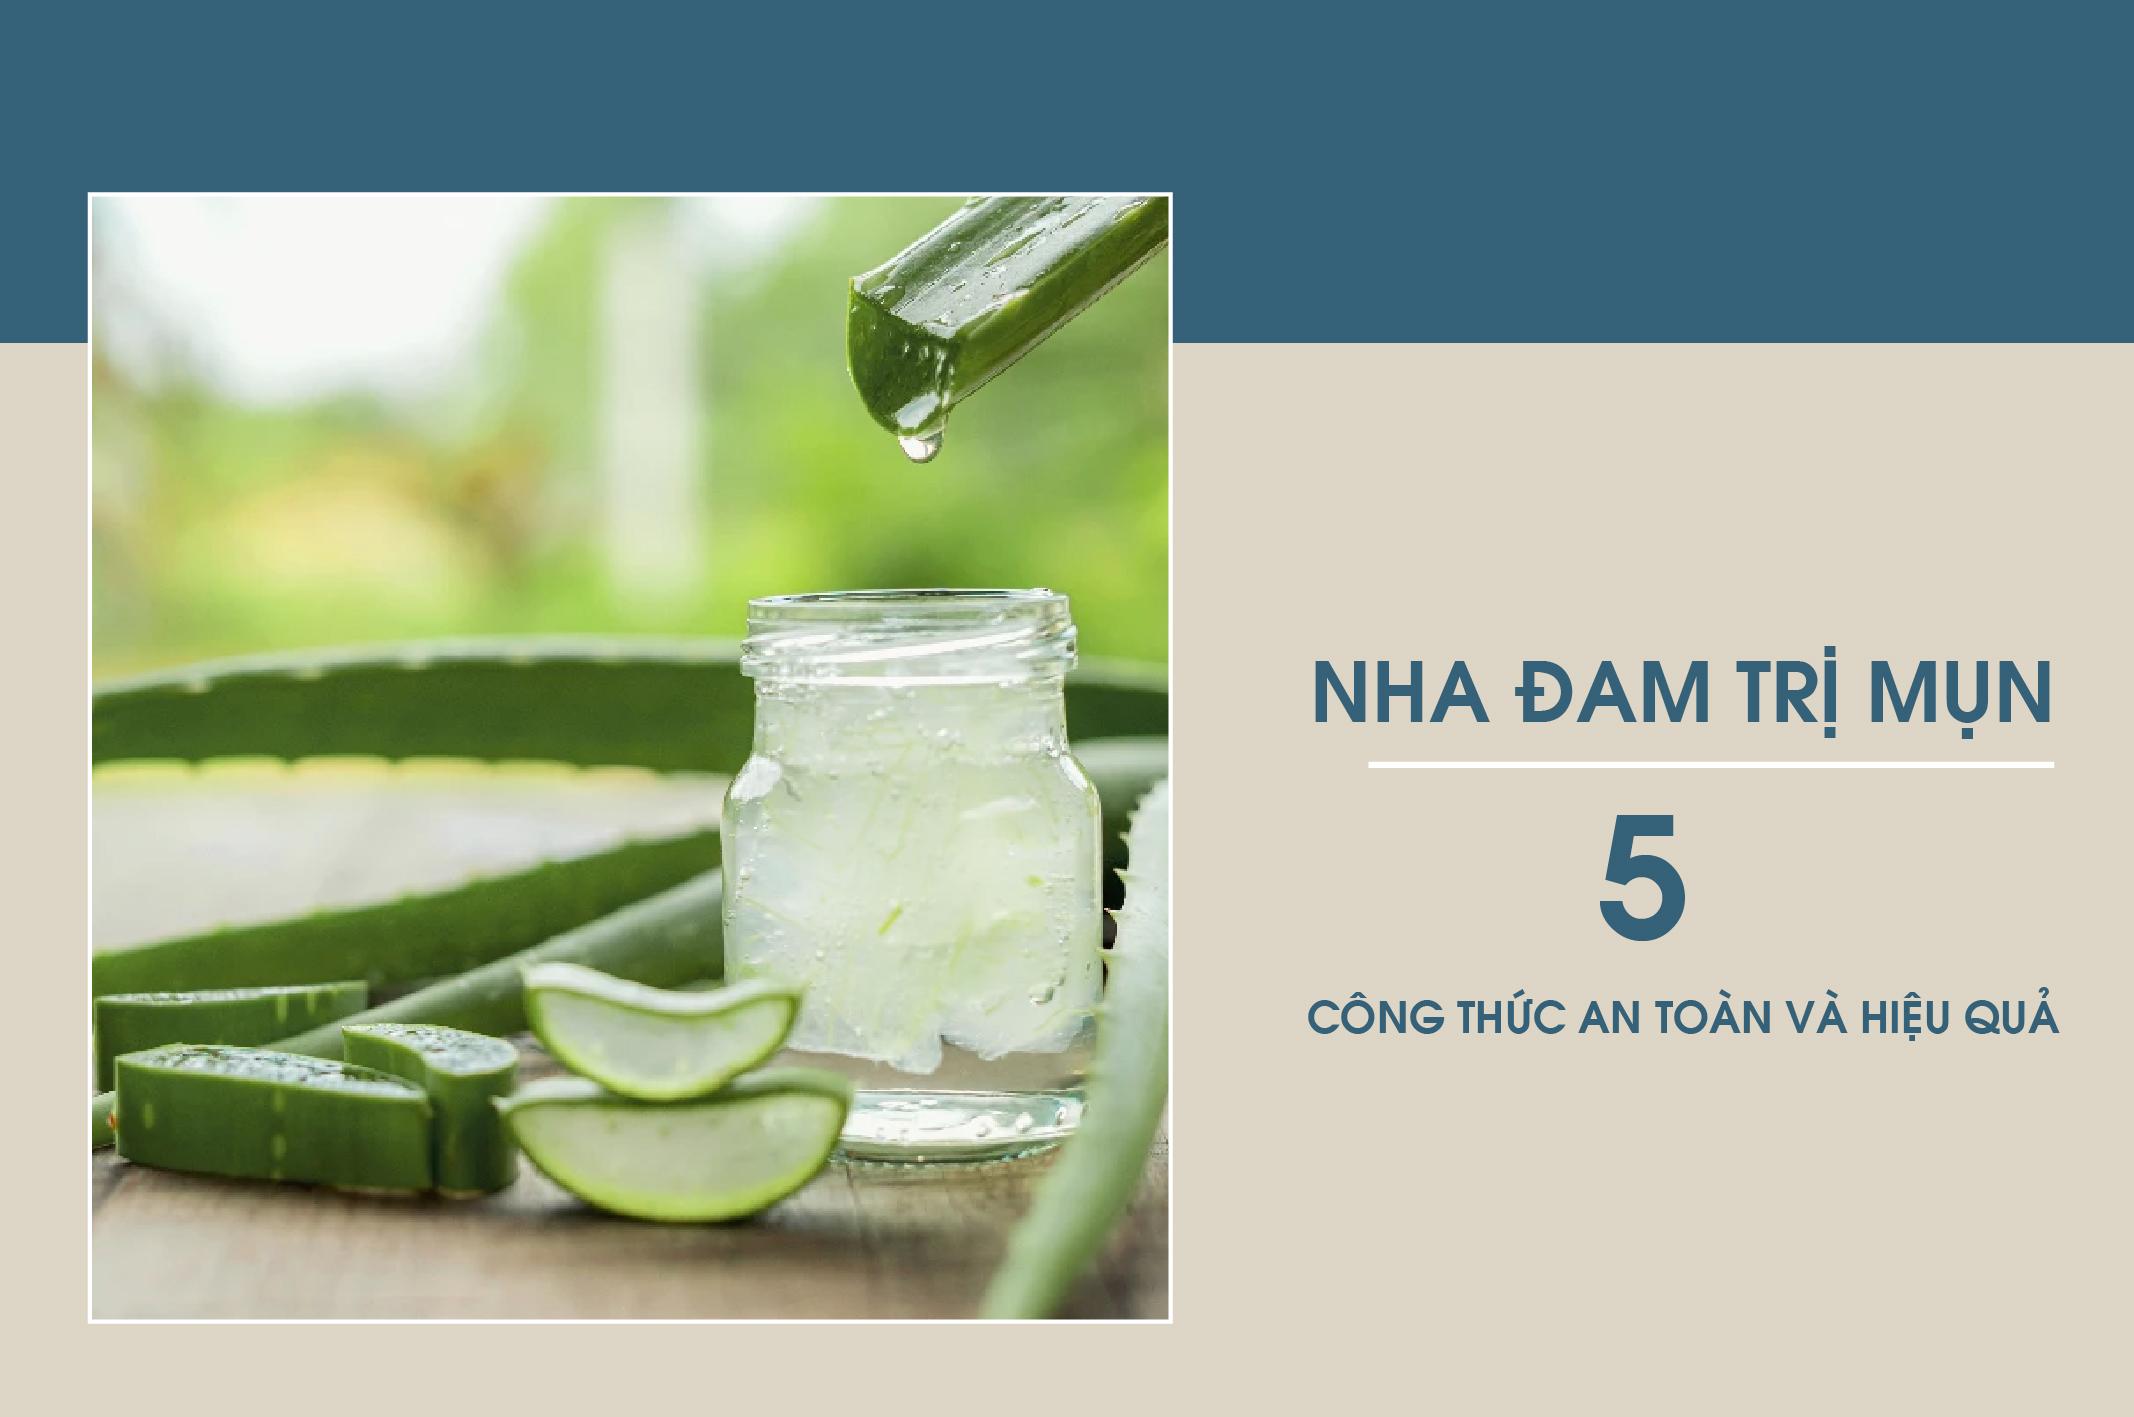 nha-dam-tri-mun-5-cong-thuc-an-toan-va-hieu-qua